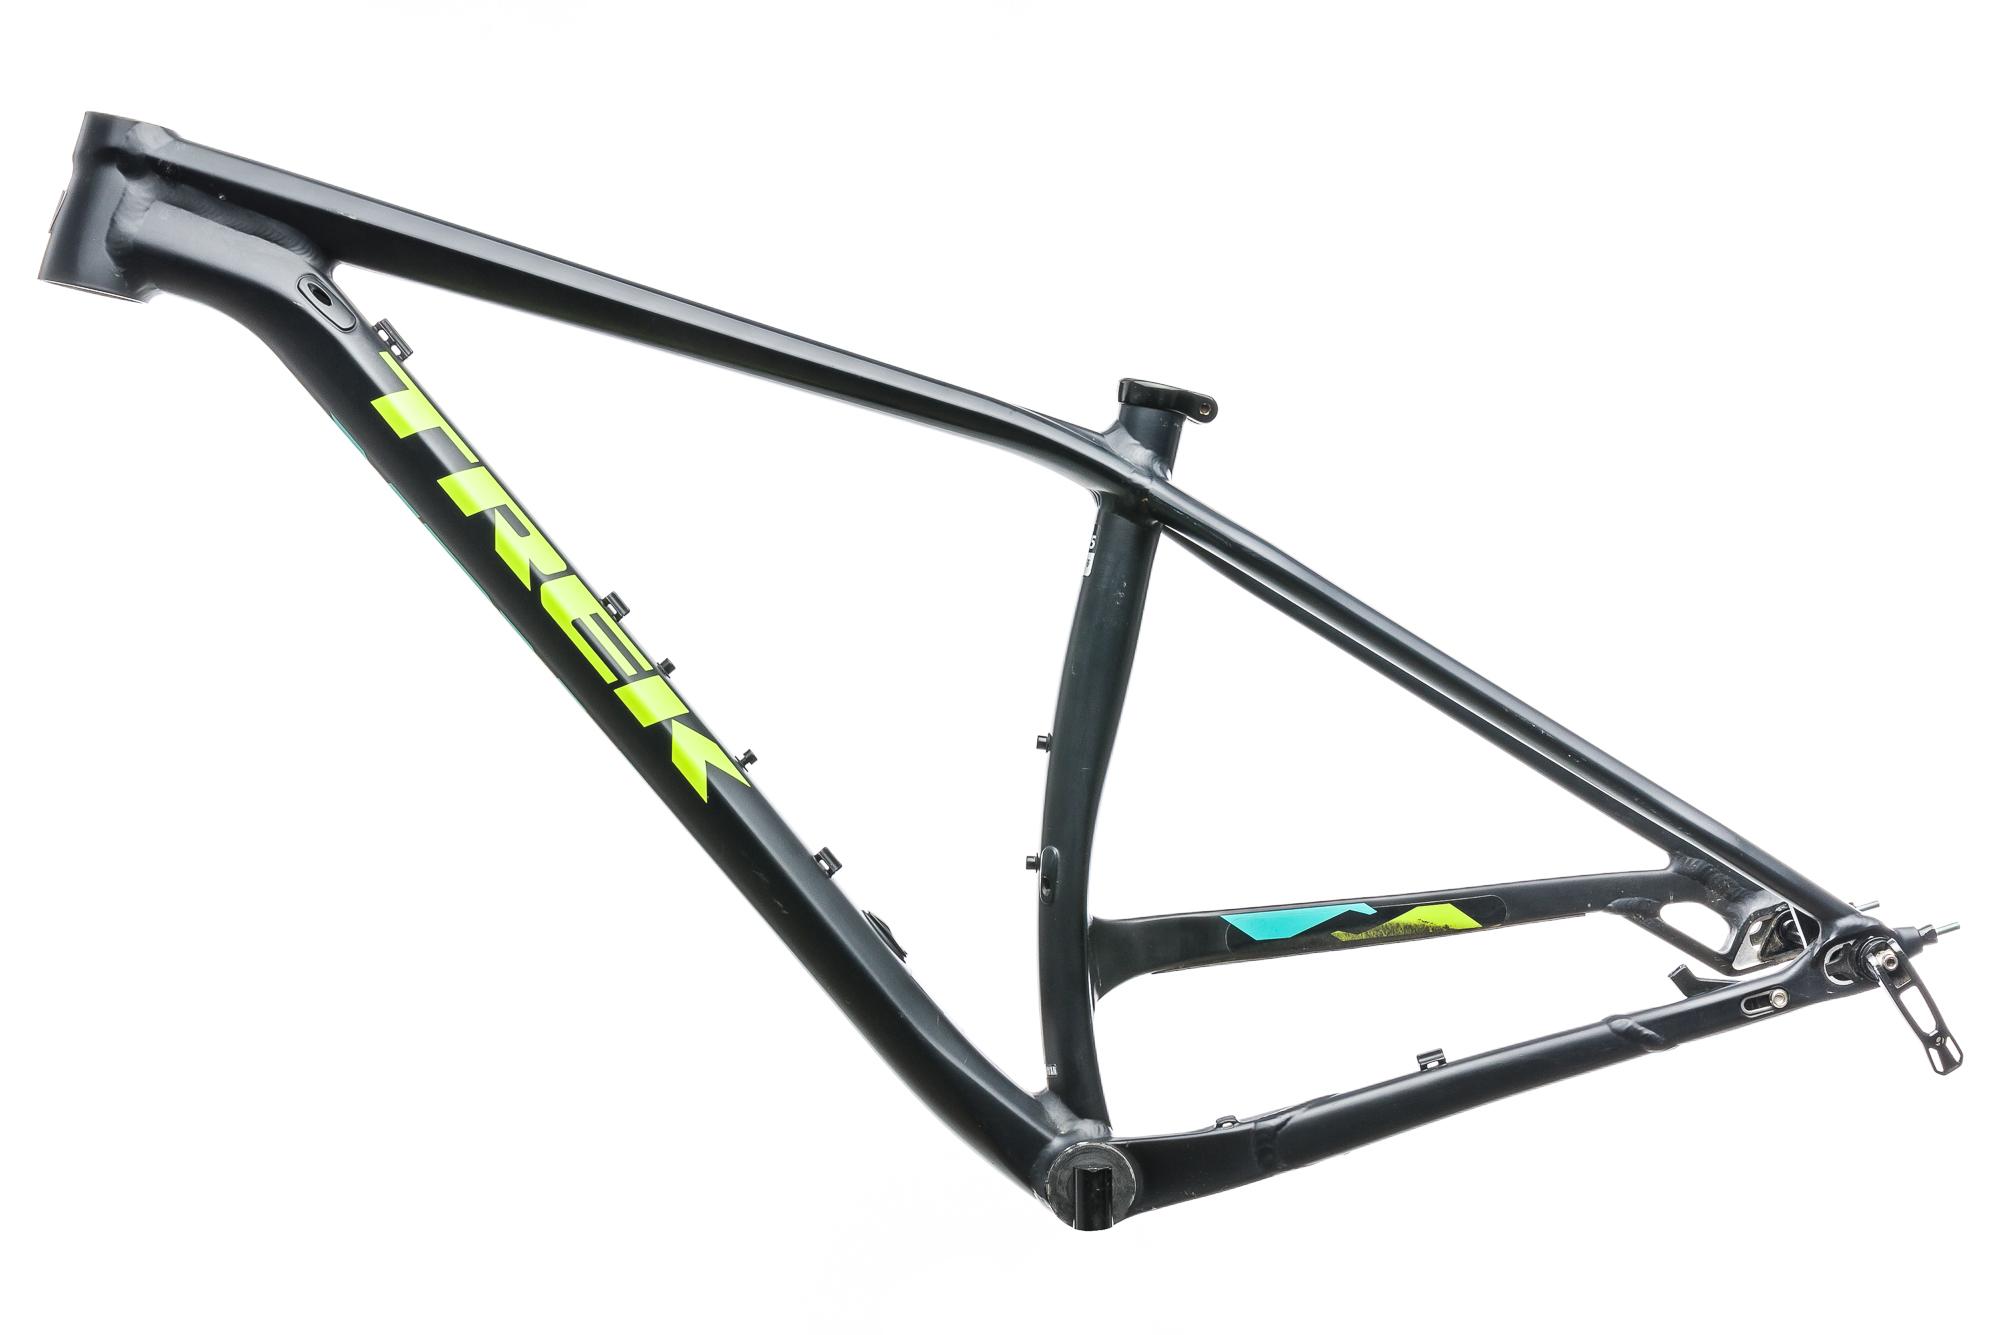 2016 Trek Stache 9 Mountain Bike Frame 17.5in Medium Aluminum ...